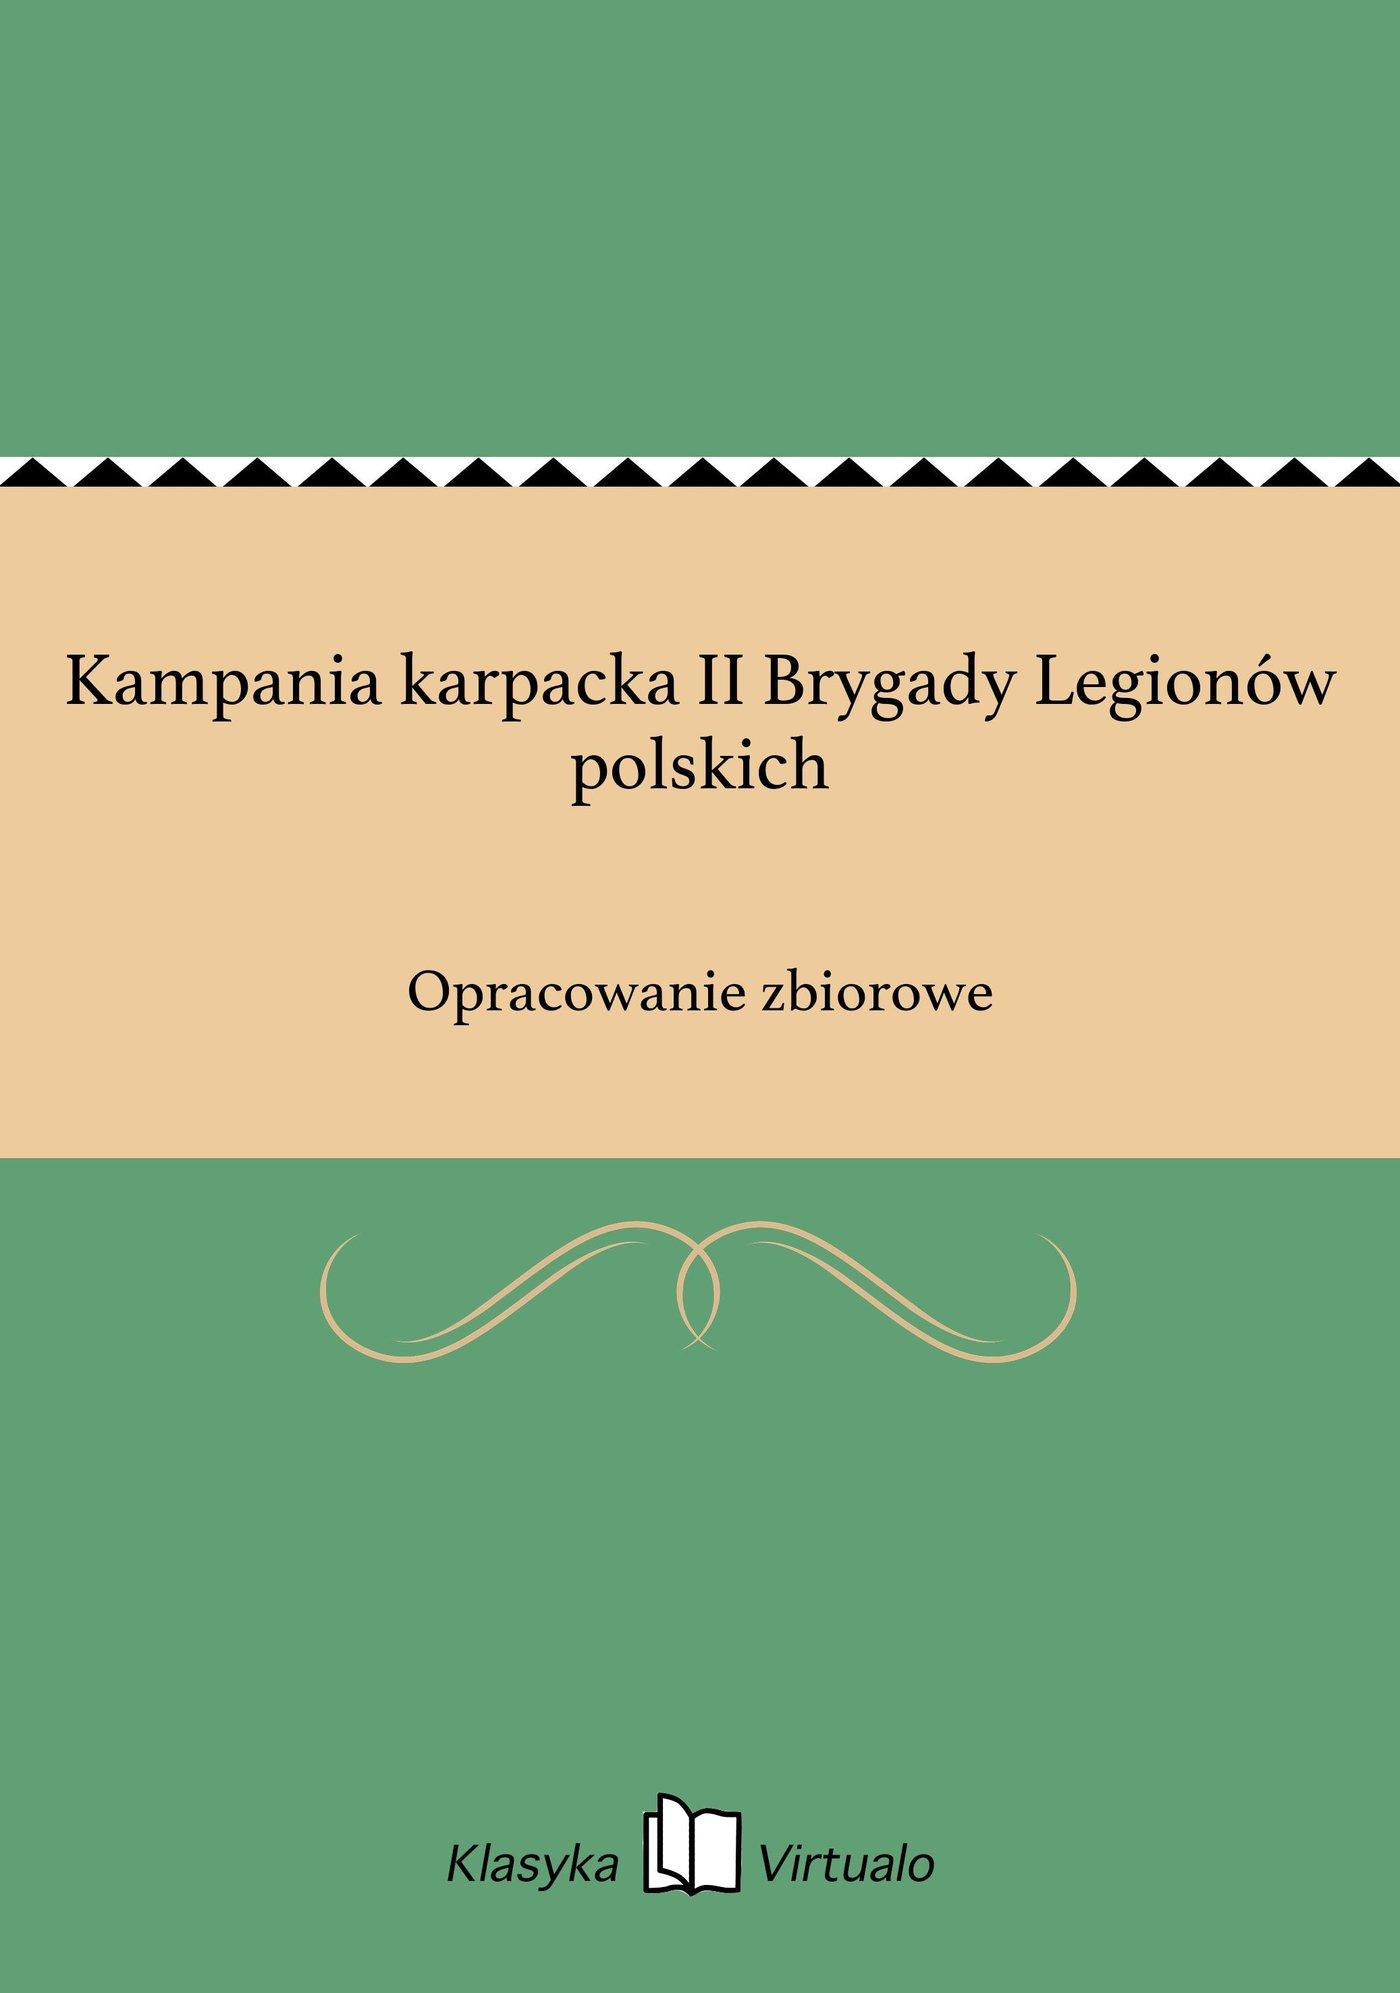 Kampania karpacka II Brygady Legionów polskich - Ebook (Książka EPUB) do pobrania w formacie EPUB